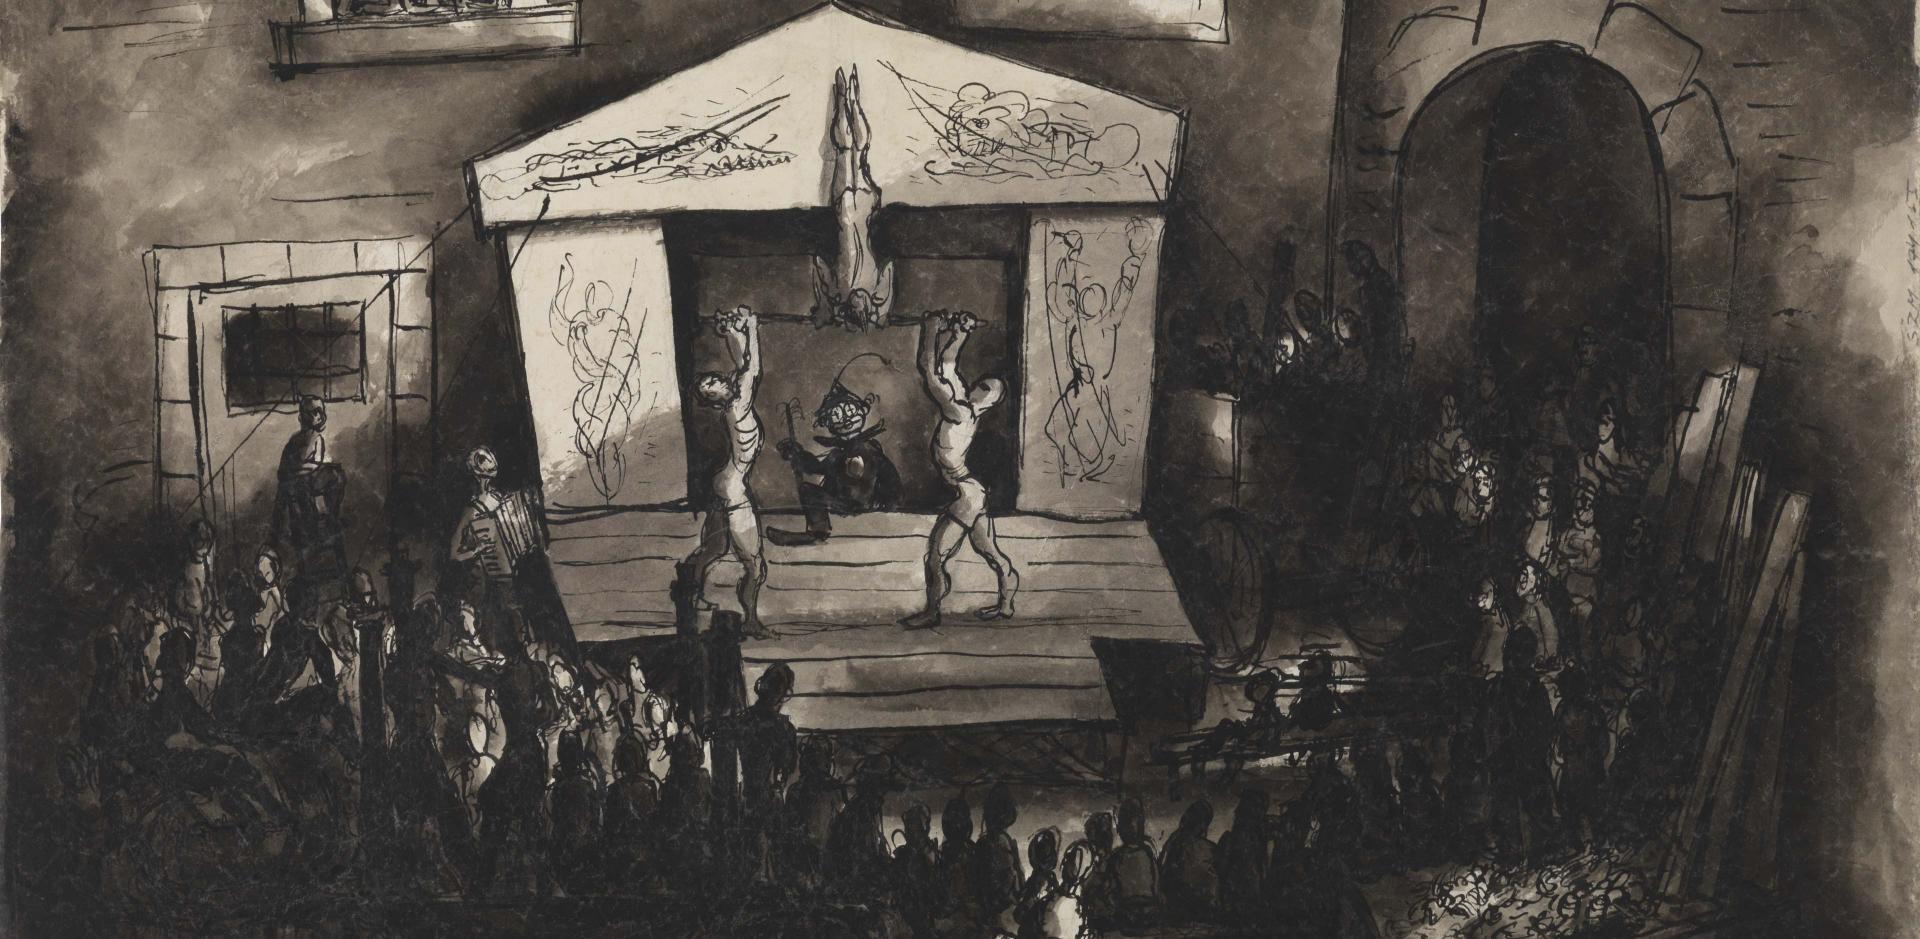 Bedřich Fritta, Varieté, 1943/44 Tusche, Feder und Pinsel, laviert, 55,7 x 83,5 cm; Dauerleihgabe von Thomas Fritta-Haas, Foto: Jens Ziehe